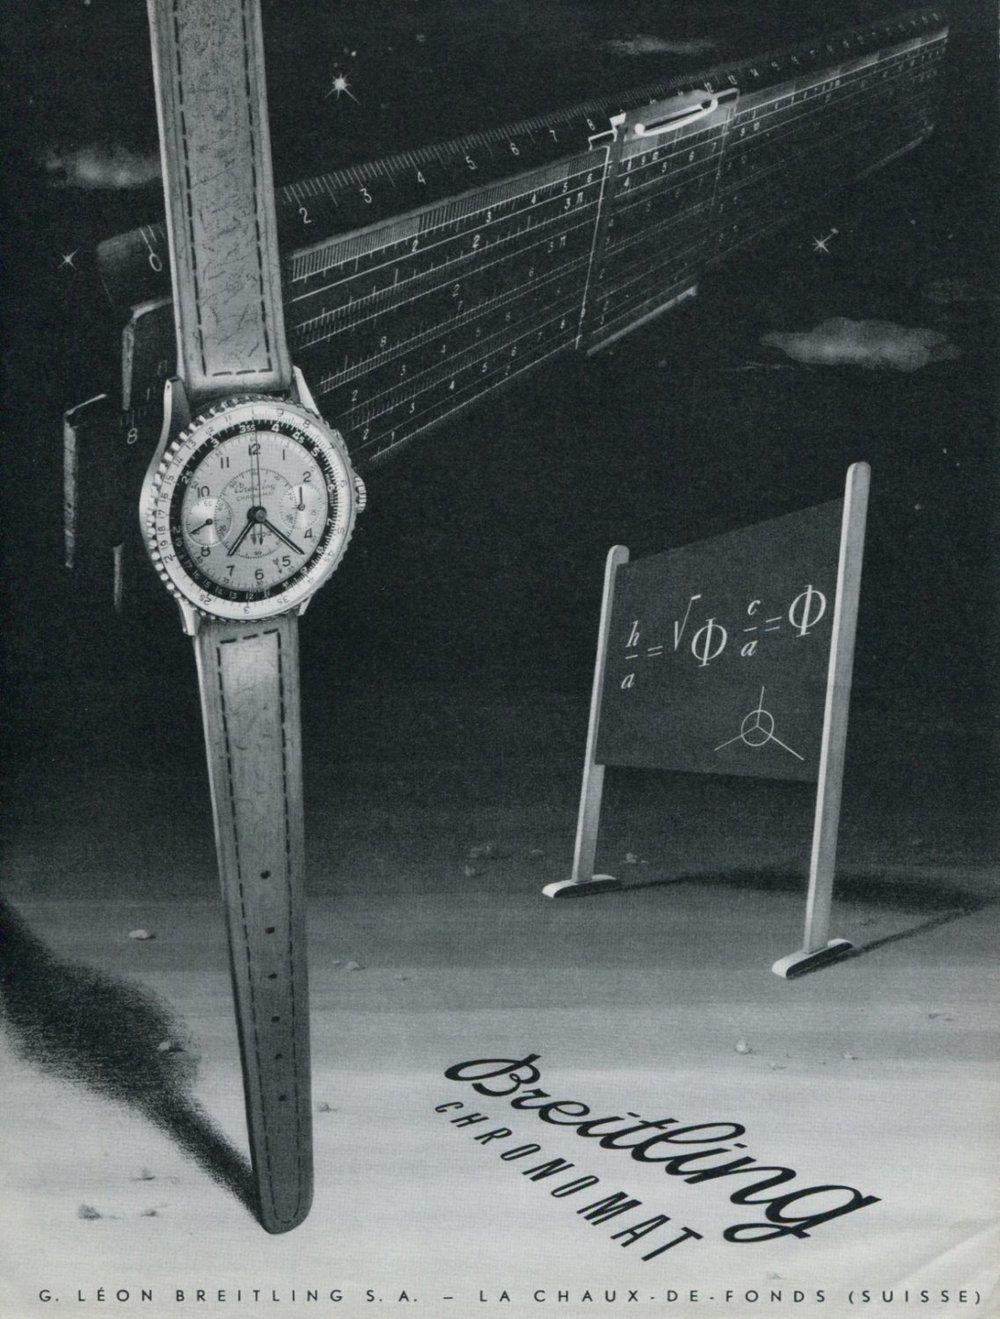 Breitling Chronomat vintage advert.jpg